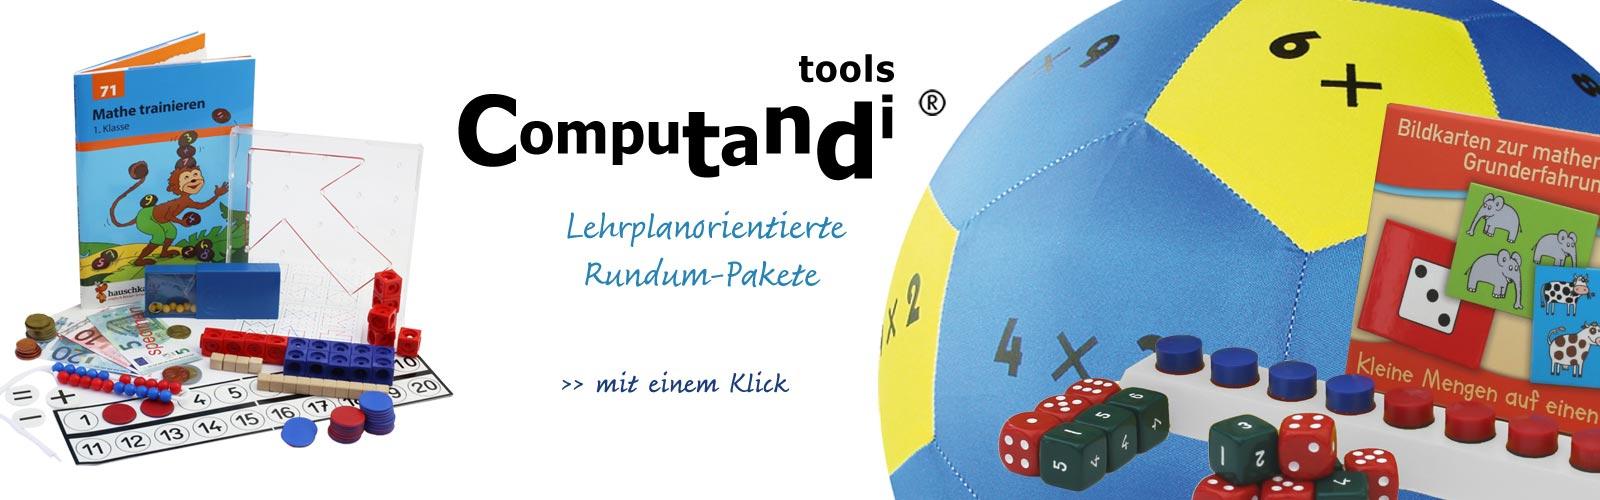 pr - Computandi